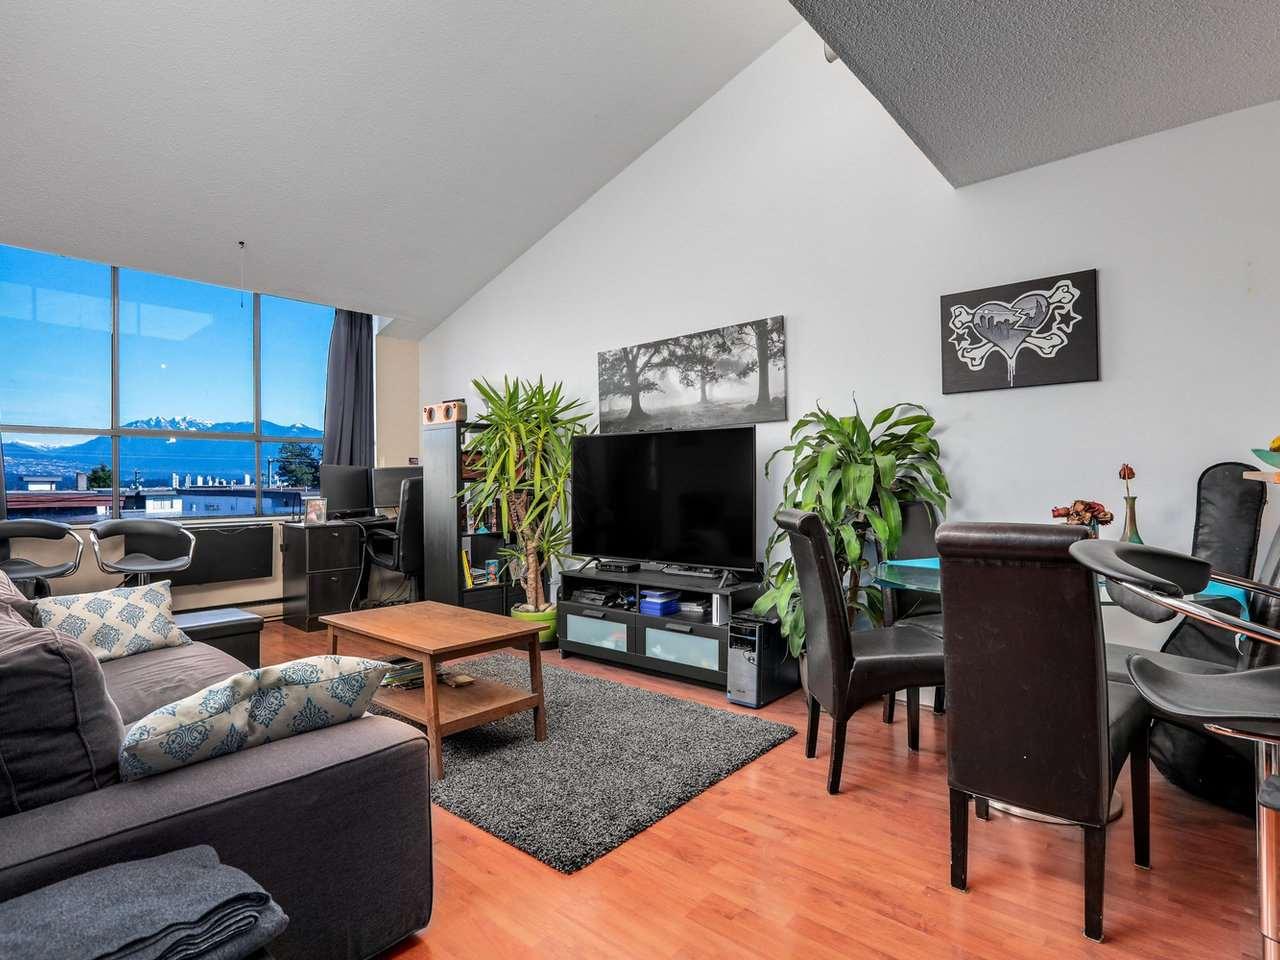 403 2173 6th Avenue W Vancouver For Sale 499 000 Zolo Ca